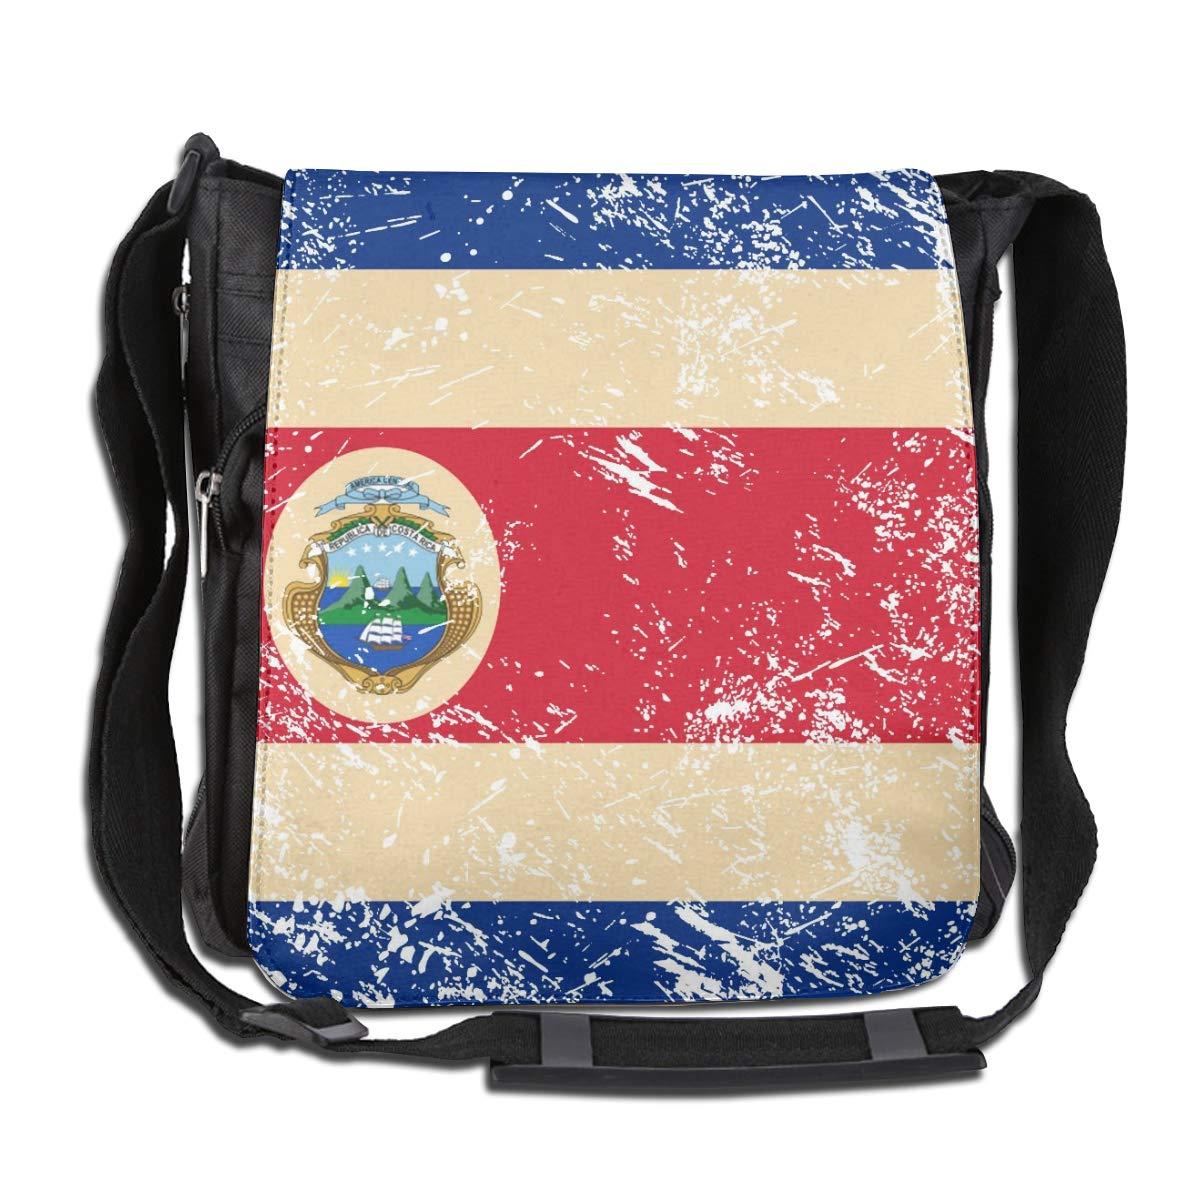 Costa Rica Retro Flag Crossbody Shoulder Bag Fashion Casual Daily Messenger Bag Satchel School Bag For Women And Men